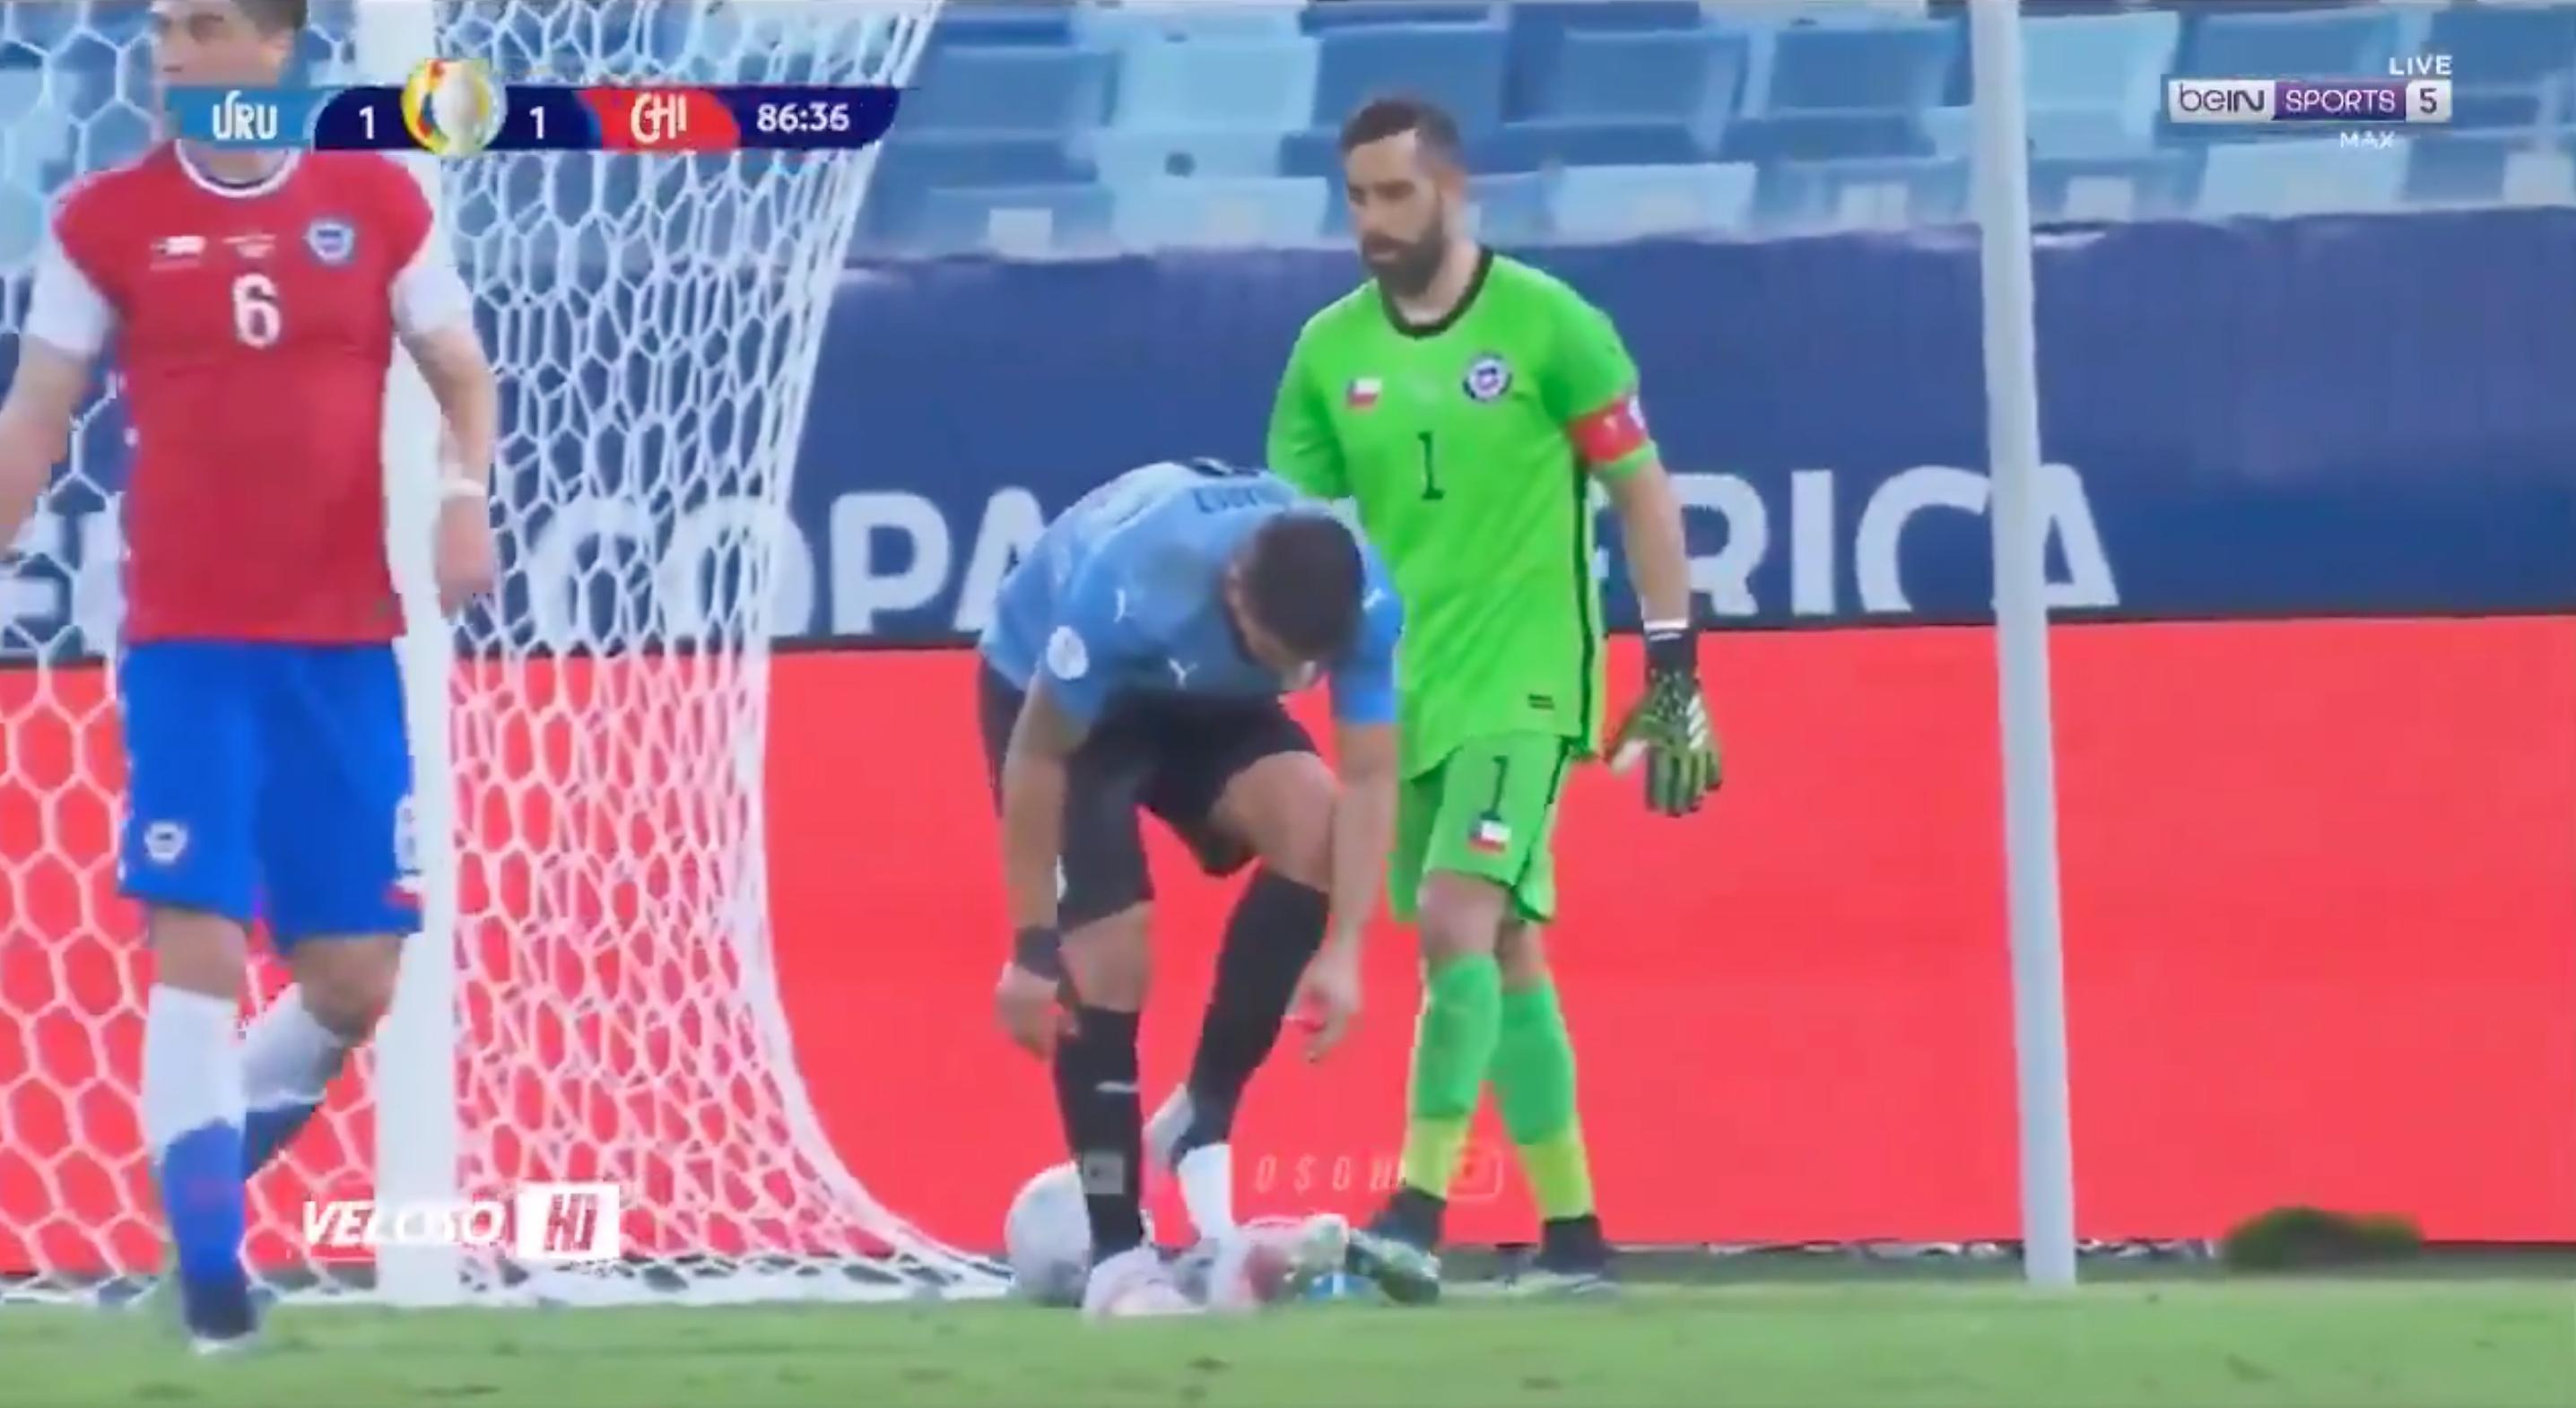 Суарес вышел на новый уровень затягивания времени: завязывал шнурки во вратарской, чтобы Браво не выбил мяч